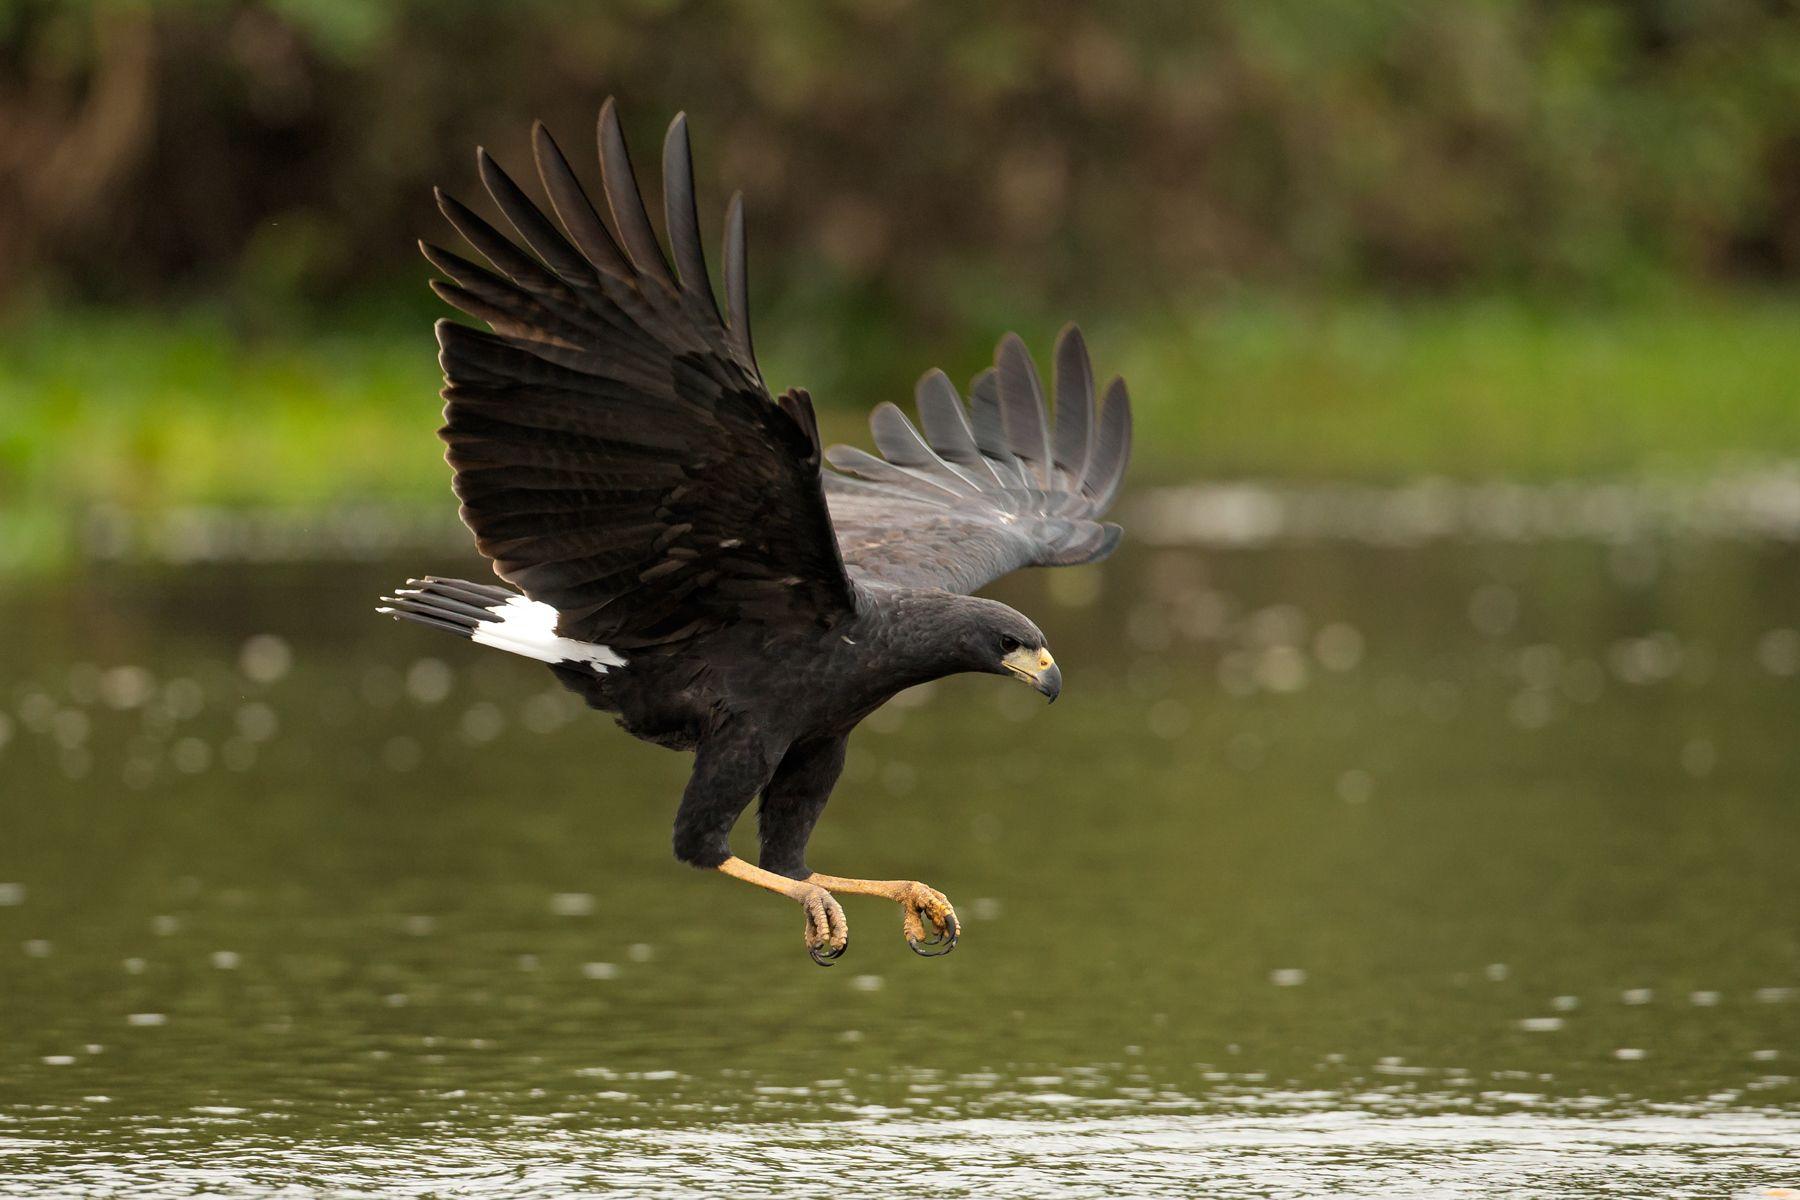 A Great Black Hawk swoops down to capture aquatic prey